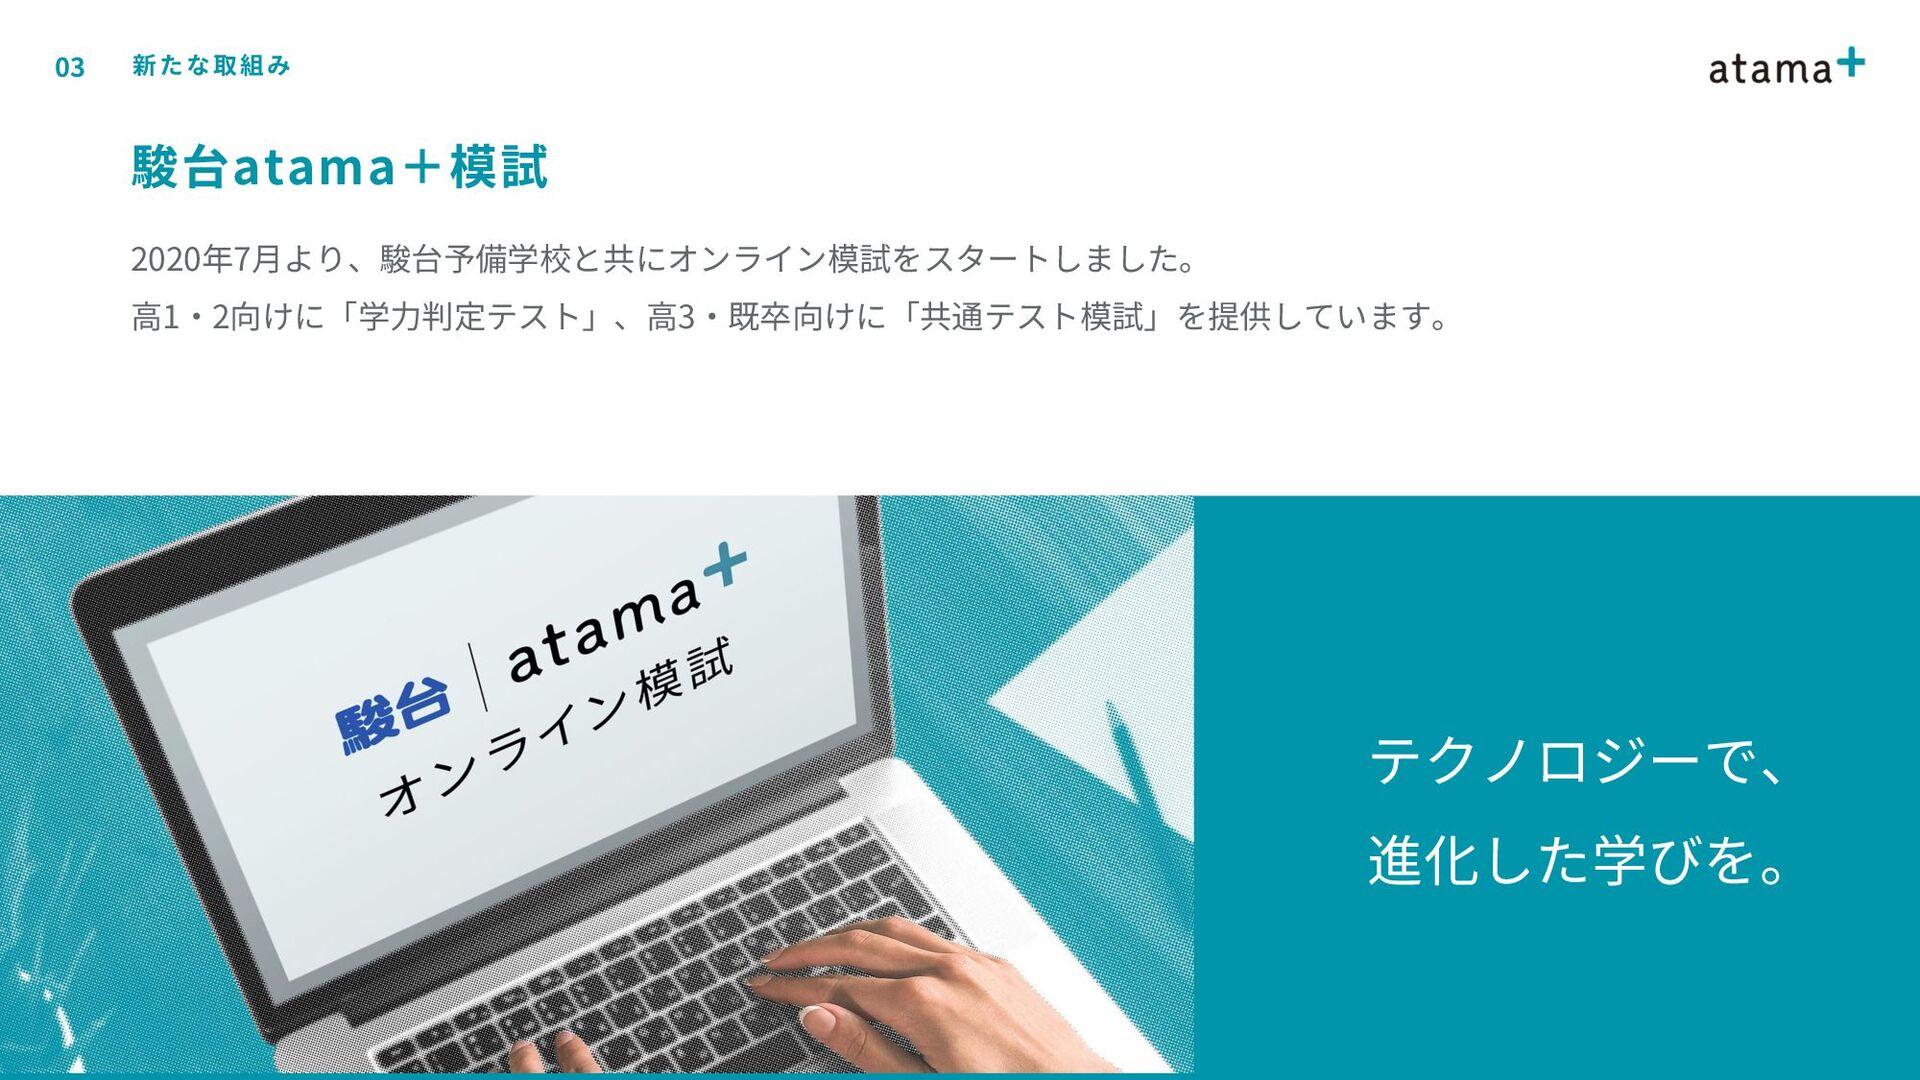 「atama+」Web版を活用したオンライン授業 02 事業内容 全国の塾・予備校でatama...